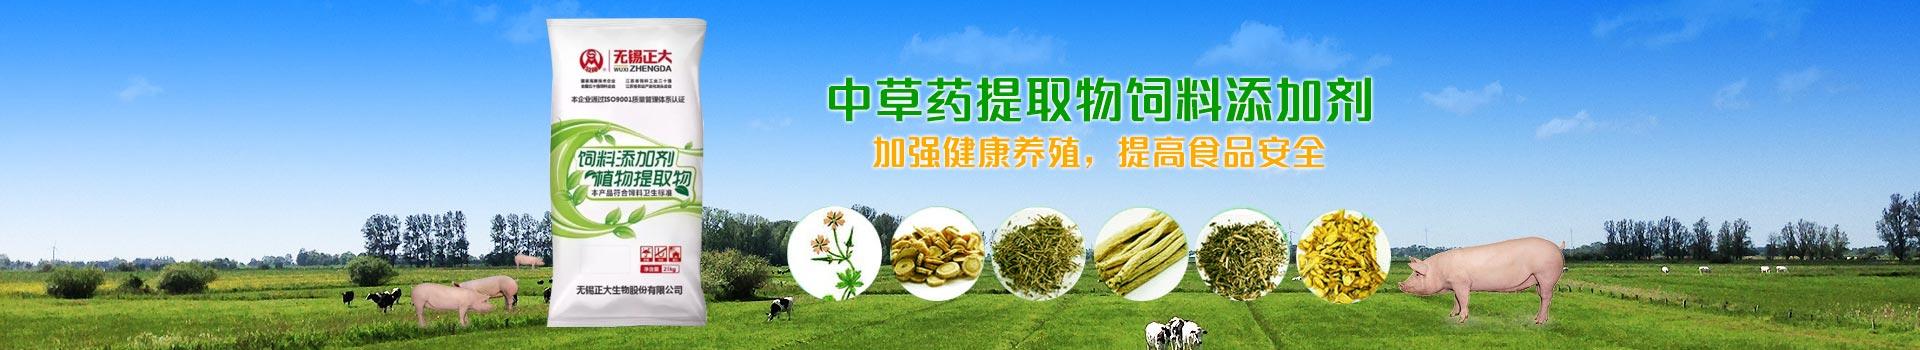 中草药提取物饲料添加剂,加强健康养殖,提高食品安全